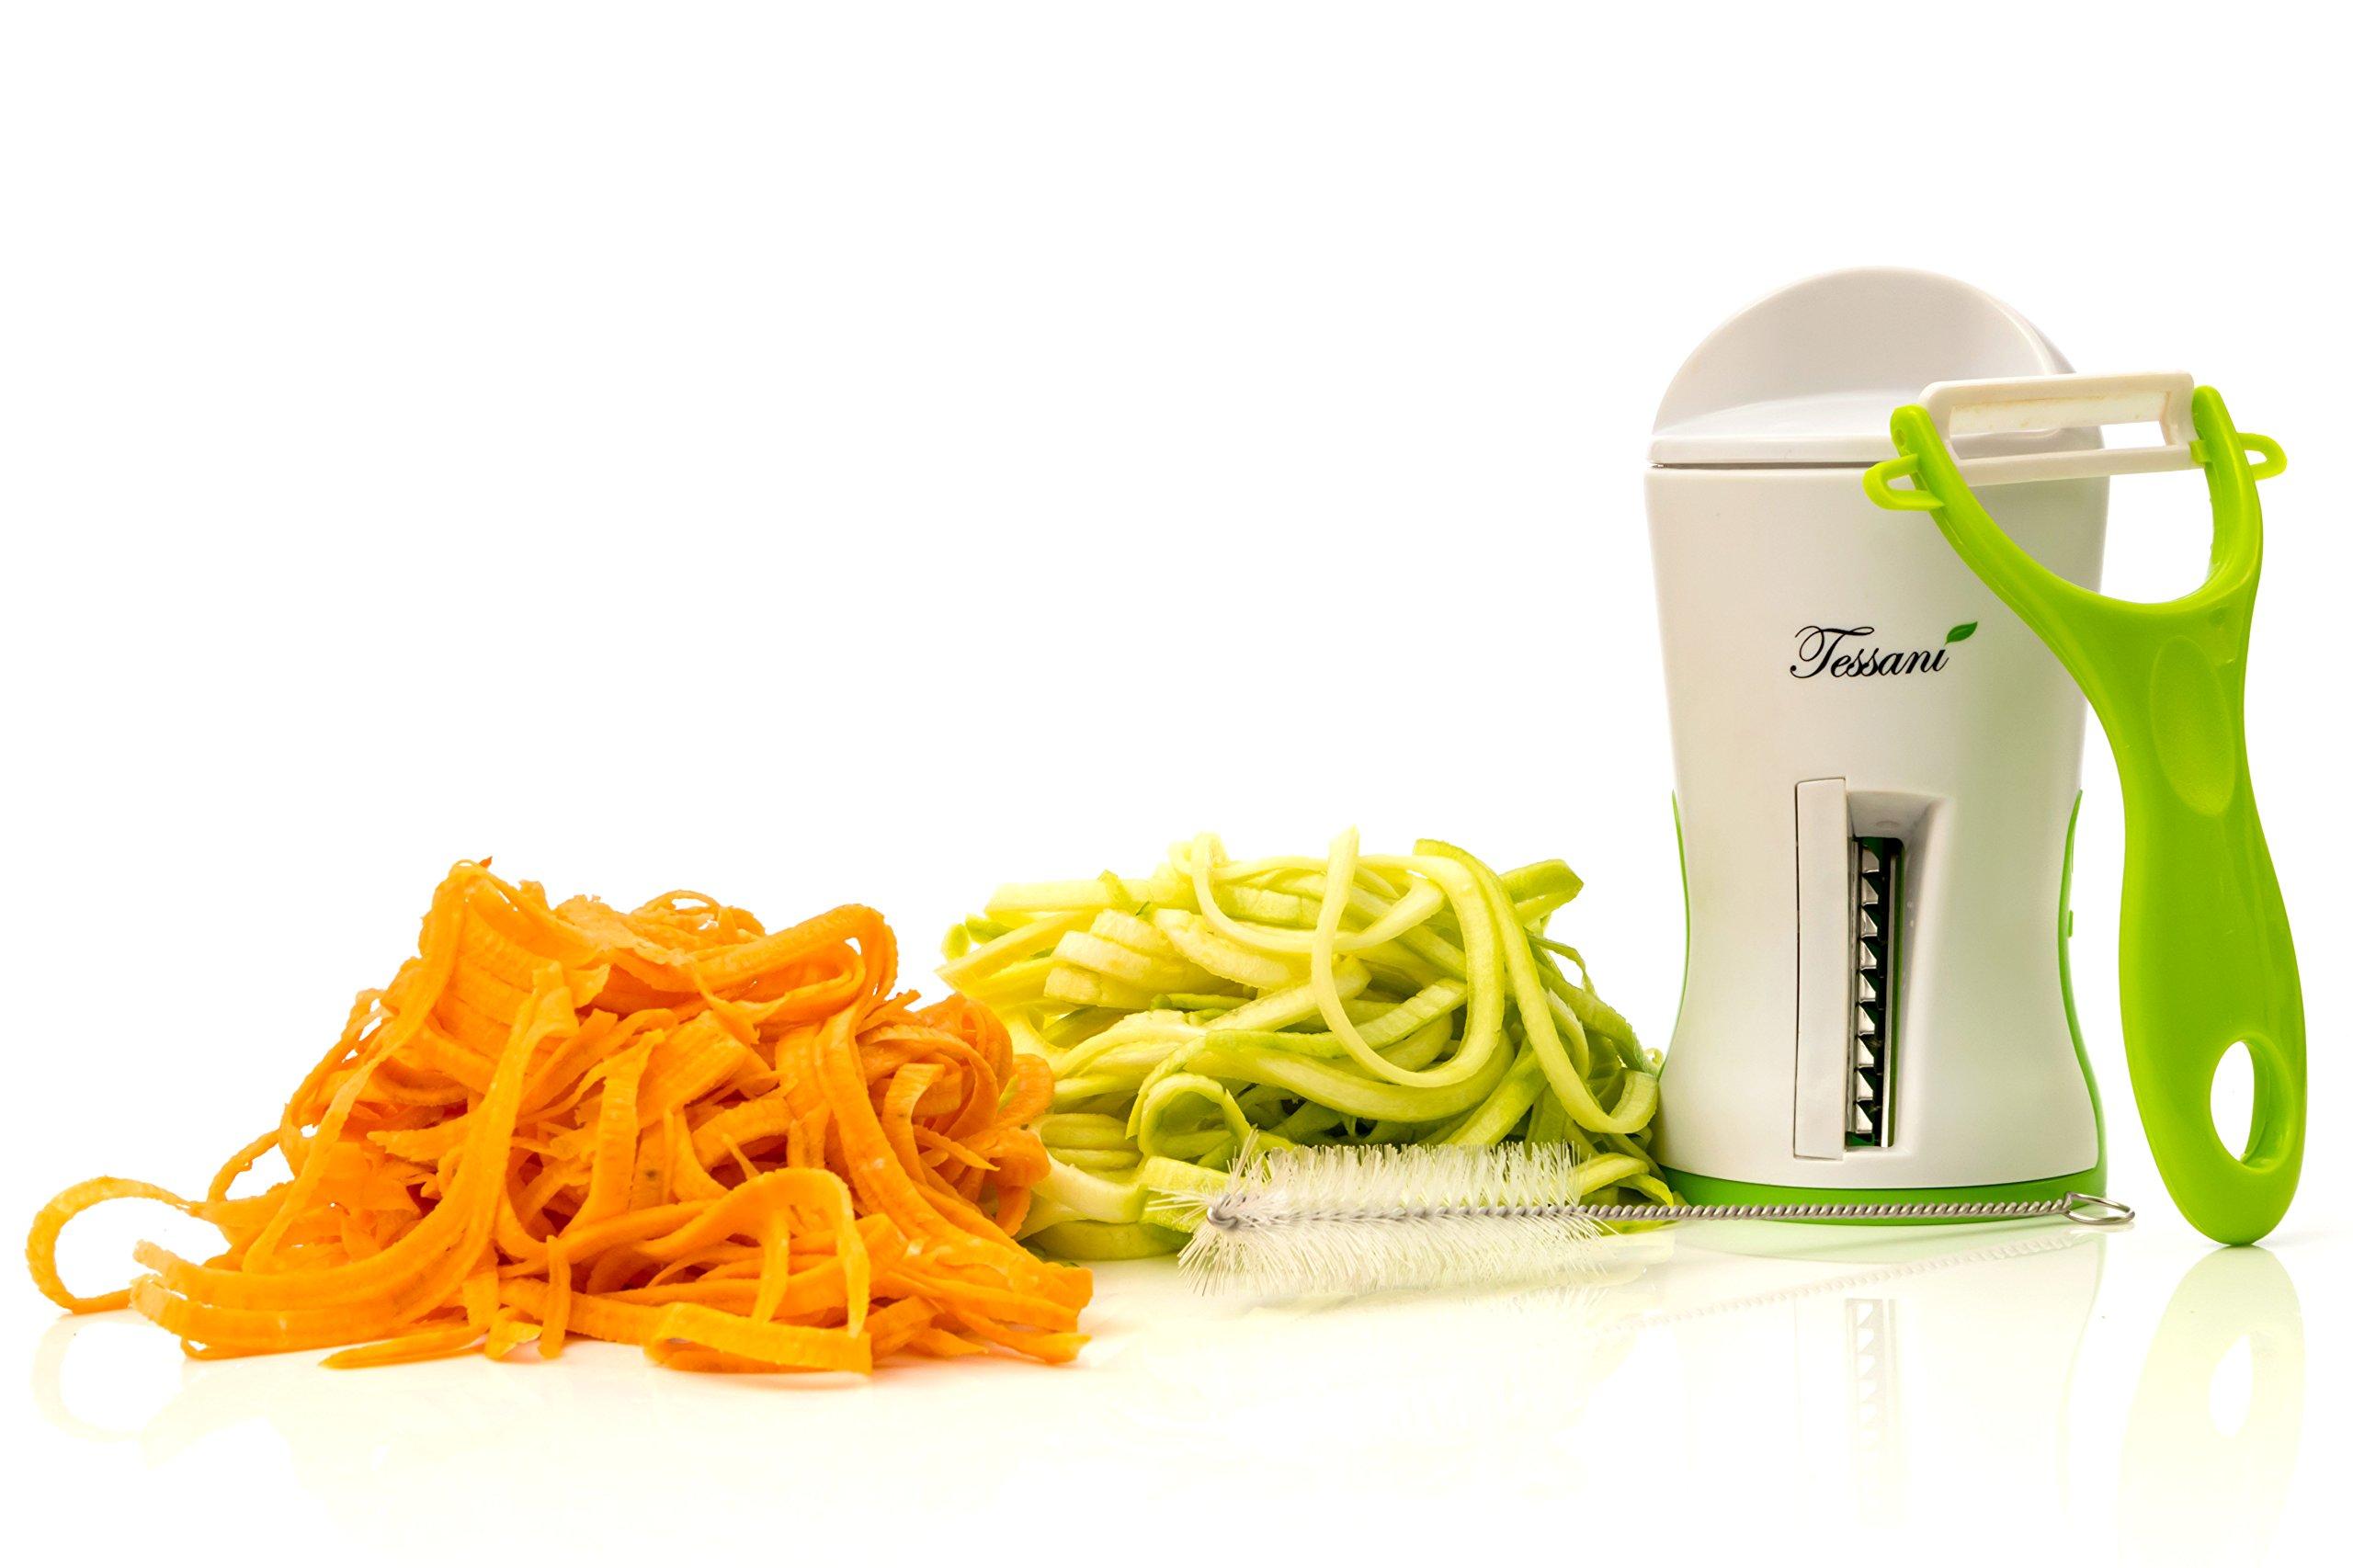 Espiralizador Vegetal, Cortador de Verduras en Espiral, con Pelador Profesional, eBook con 25 Recetas (en Español) y Cepillo Limpiador - Crea Sanos Noodles y Pasta de Verduras - El Mejor Regalo de Cocina!